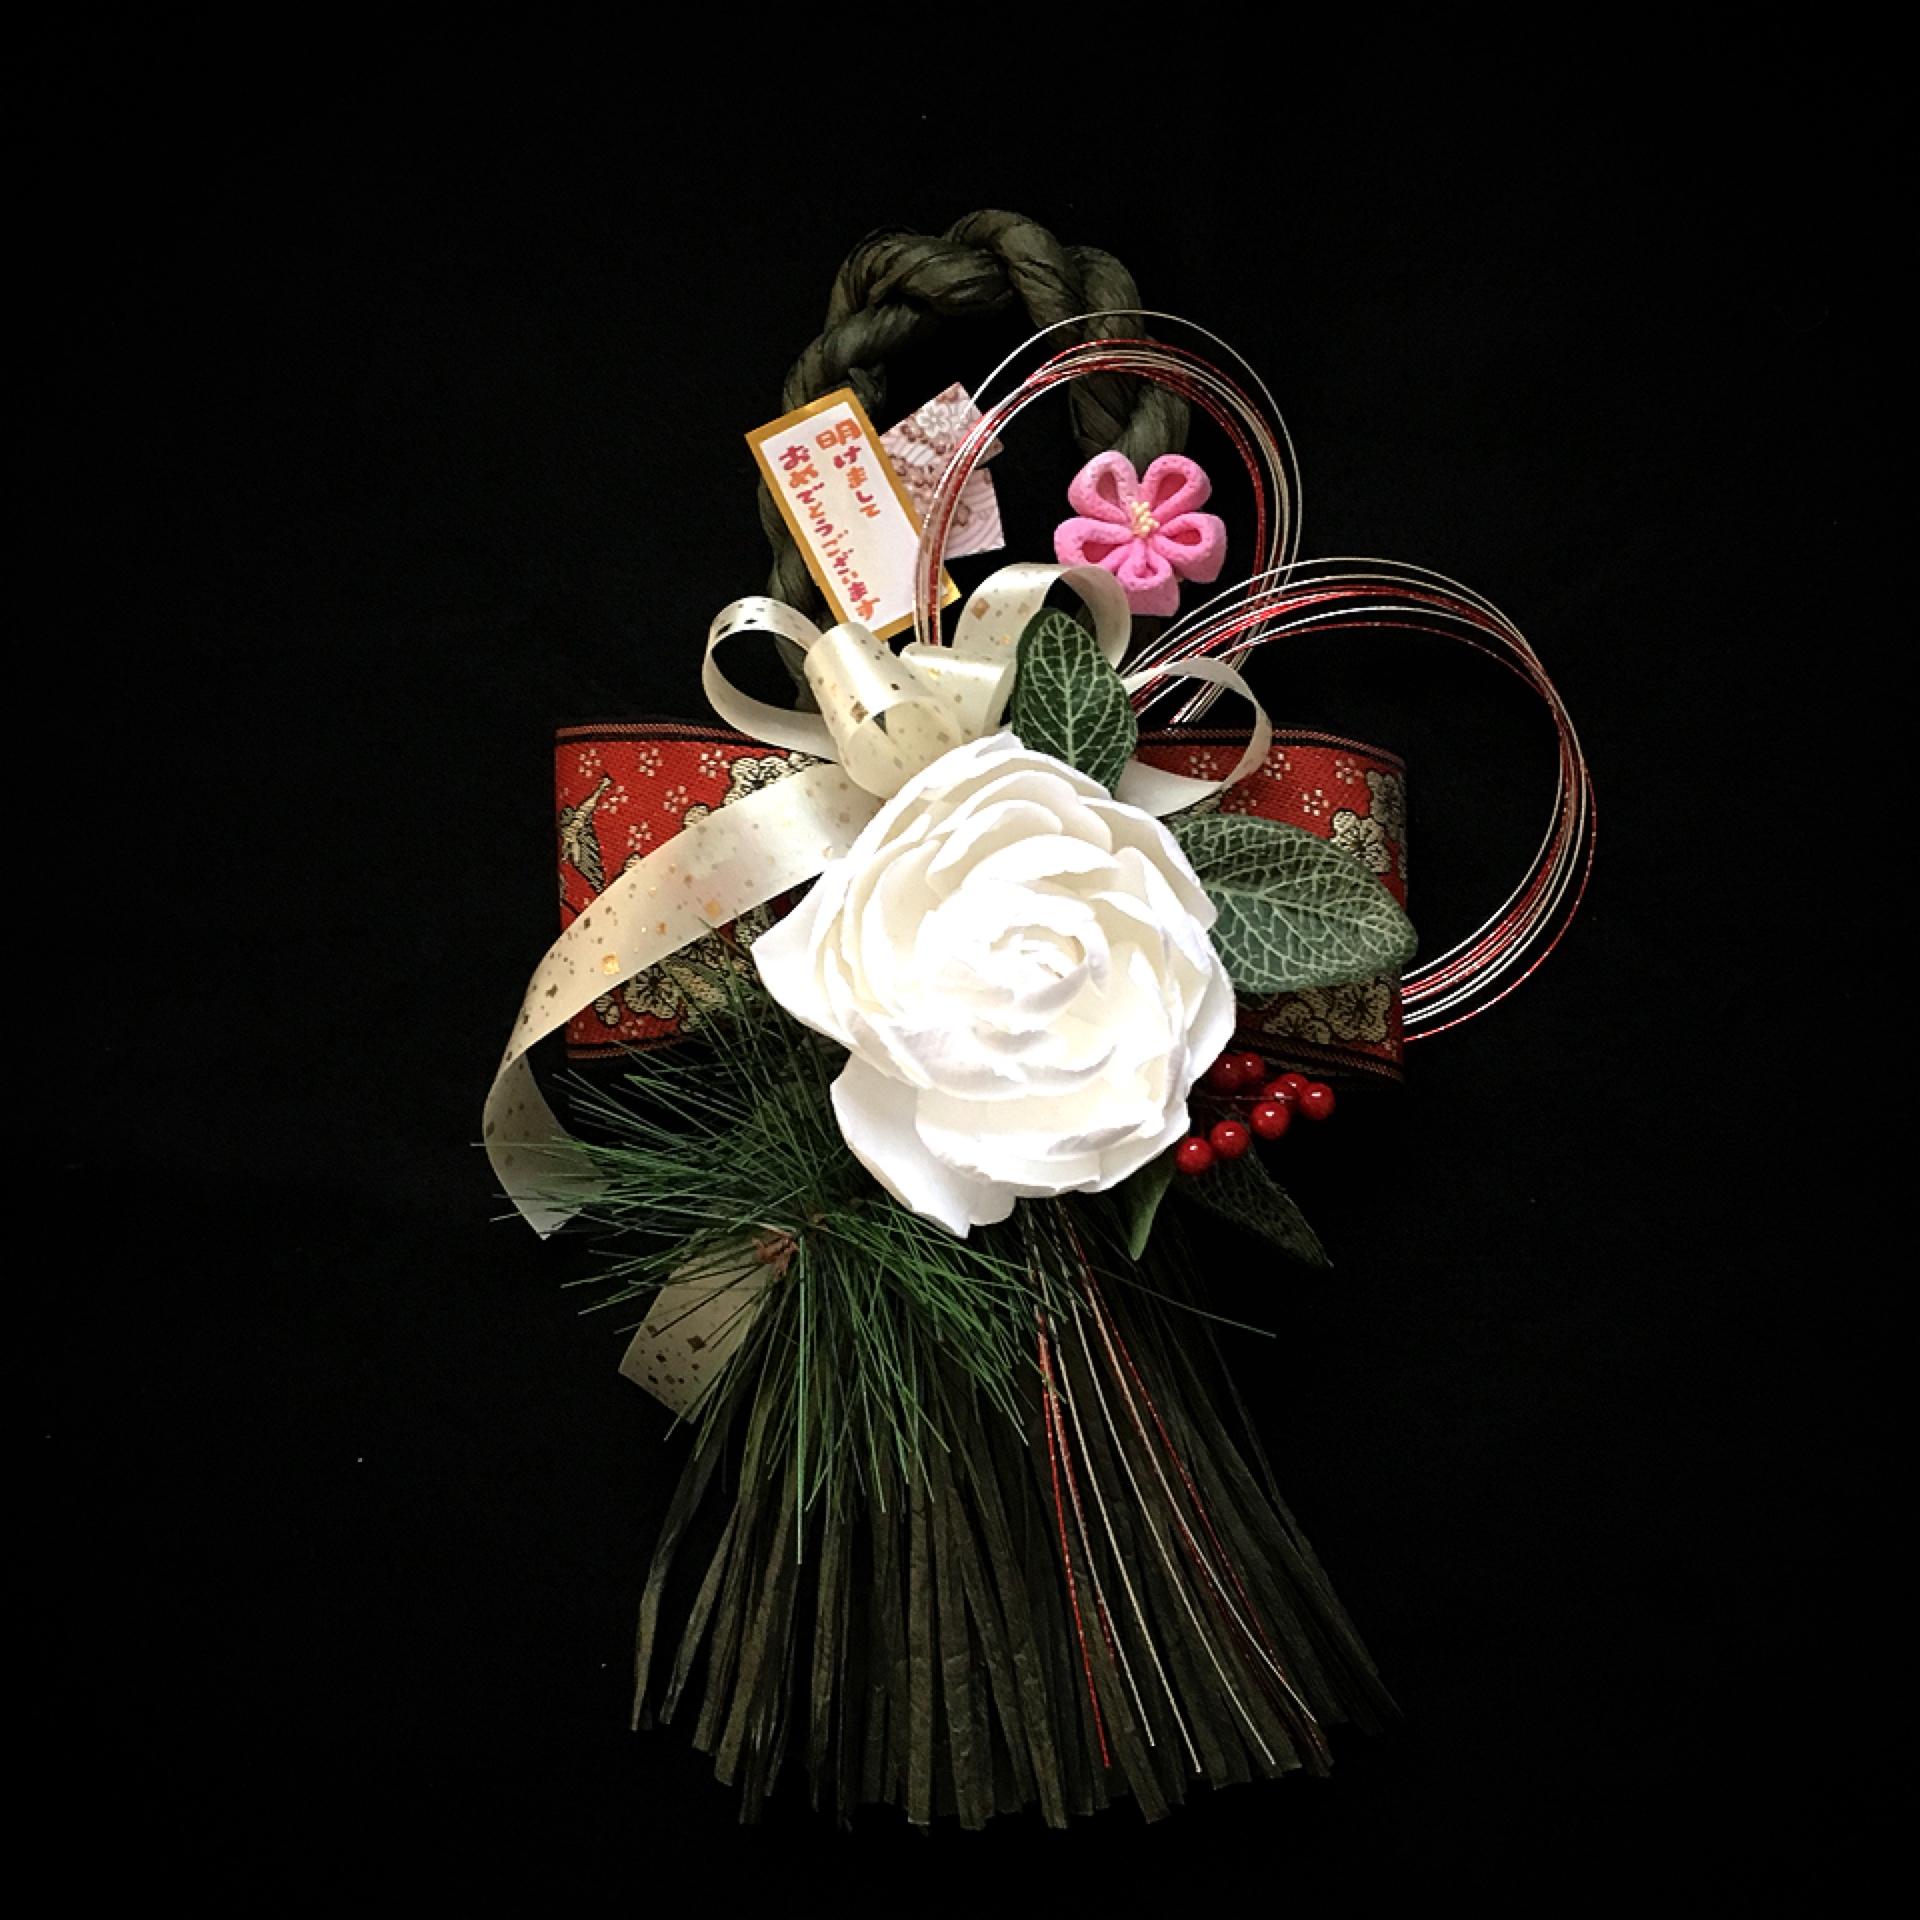 デコクレイクラフト(装飾粘土工芸) イメージ